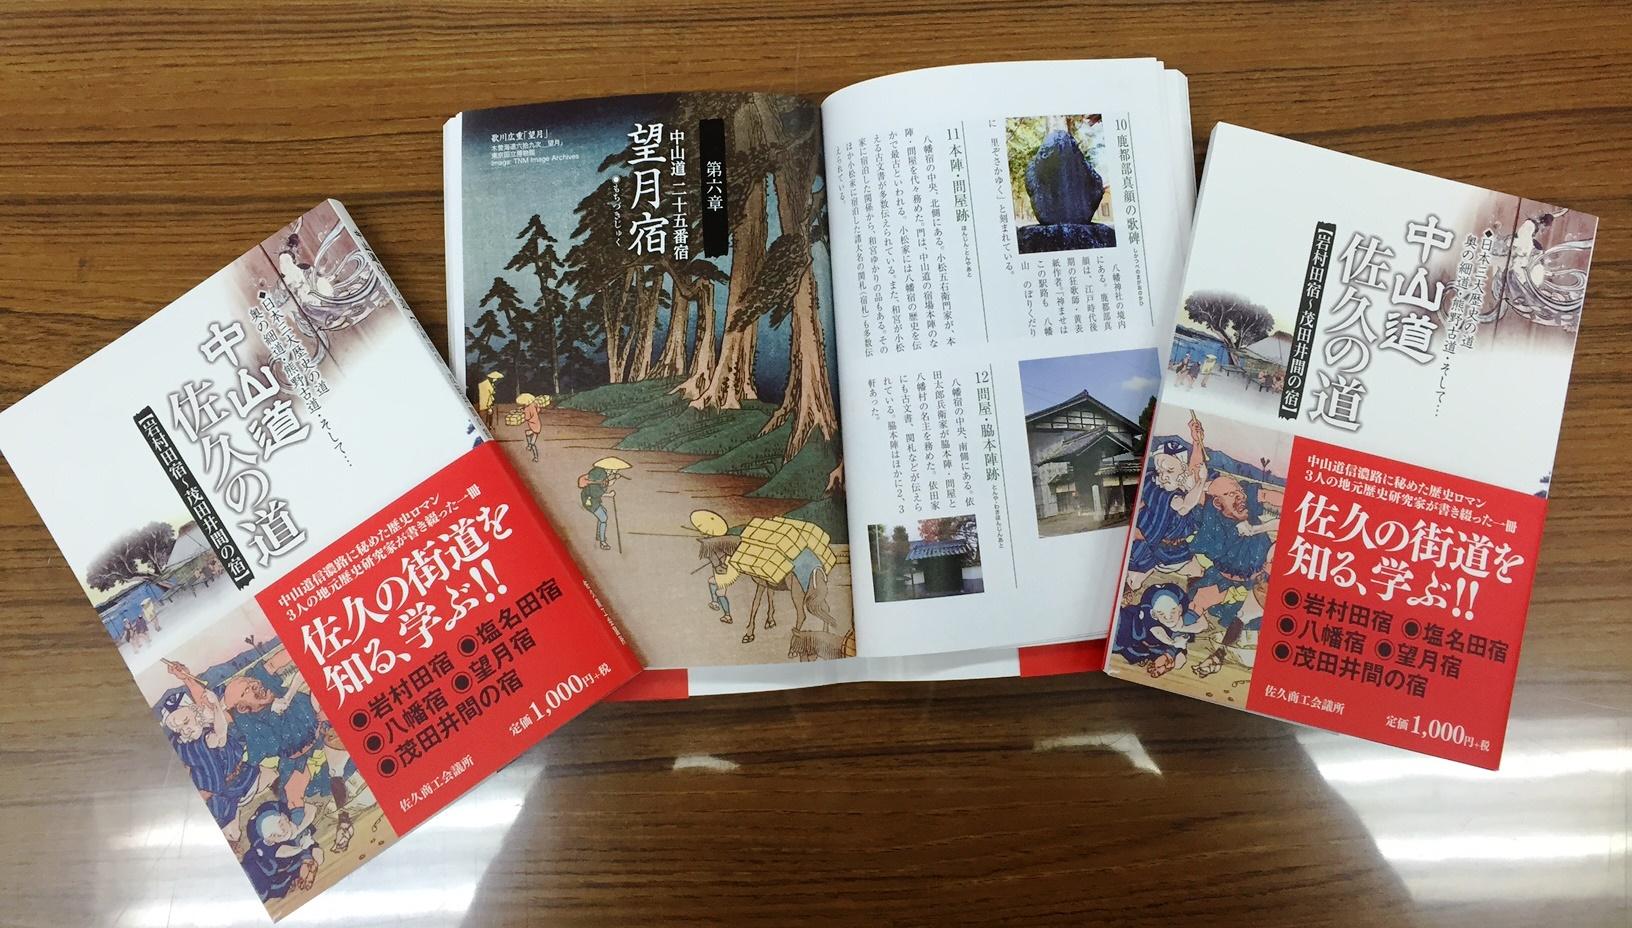 イメージ:佐久の街道を知る、学ぶ!!解説本「中山道佐久の道」を発売